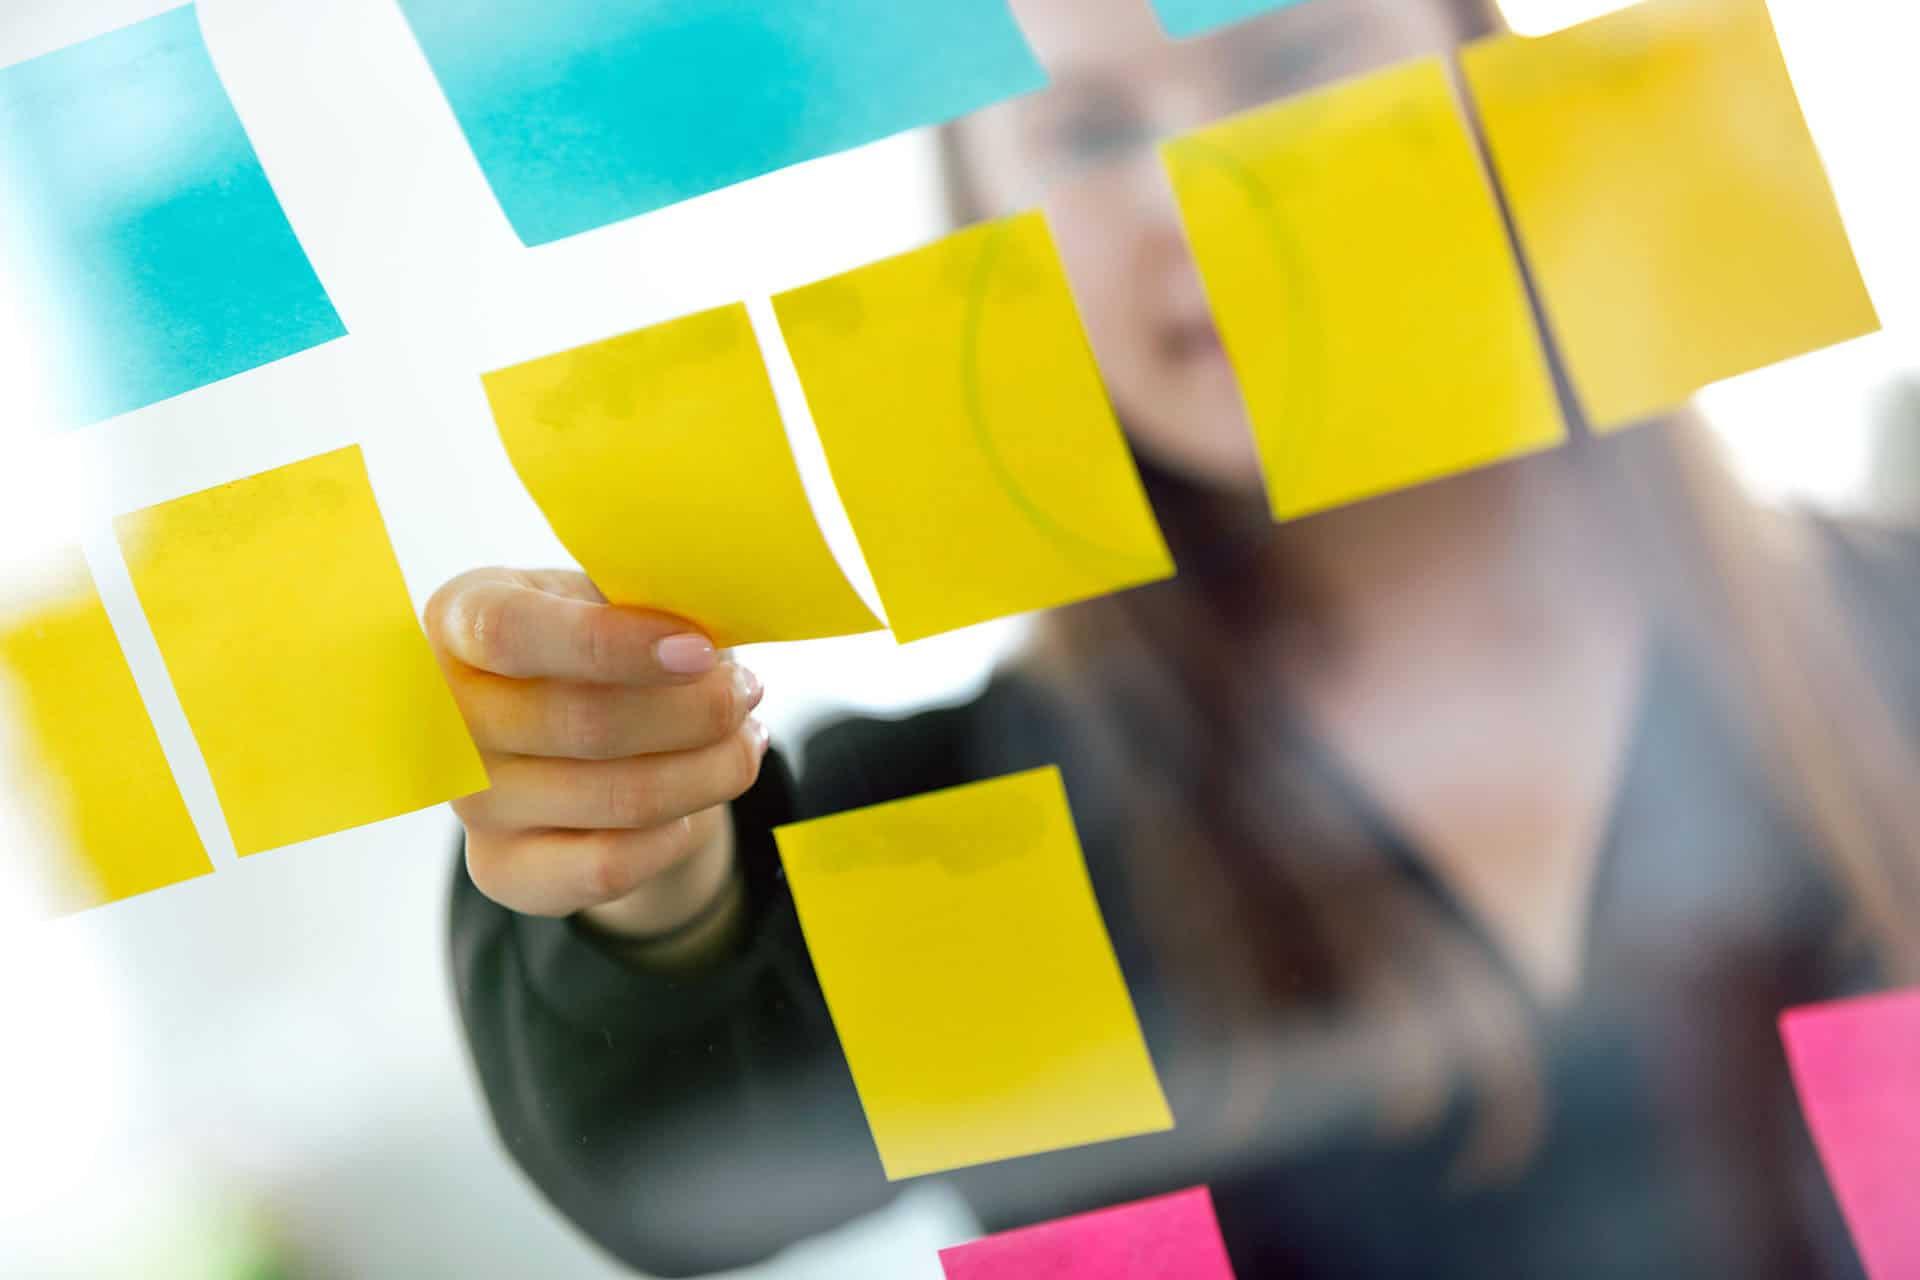 Vorteile und Potenziale der eigenen Website priorisieren